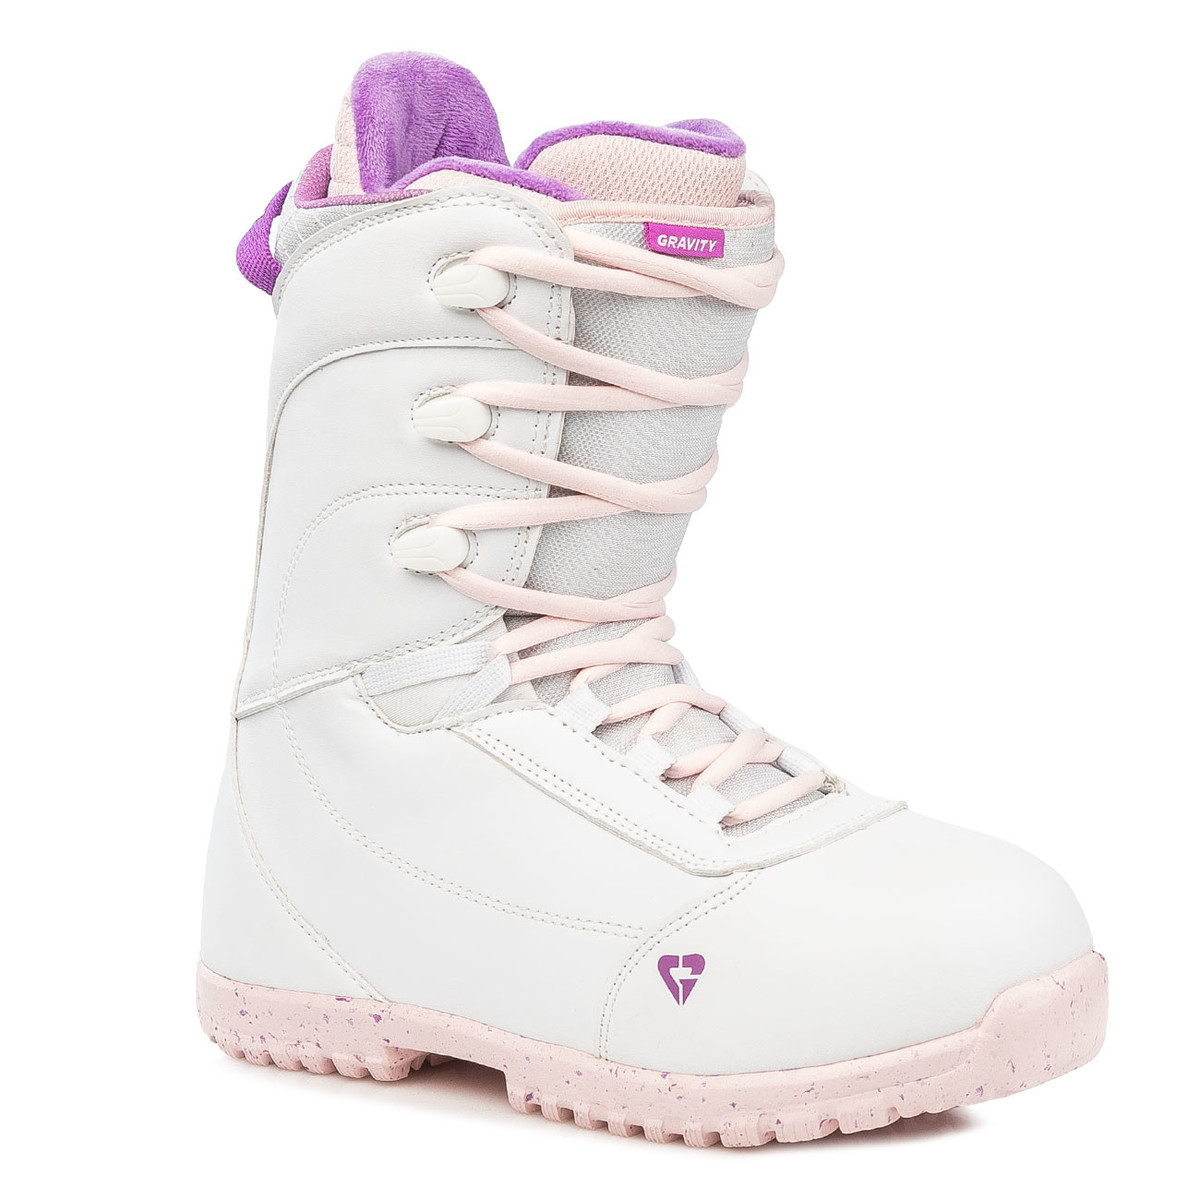 Snowboardové boty Gravity Micra Girls 19/20 5 (38)